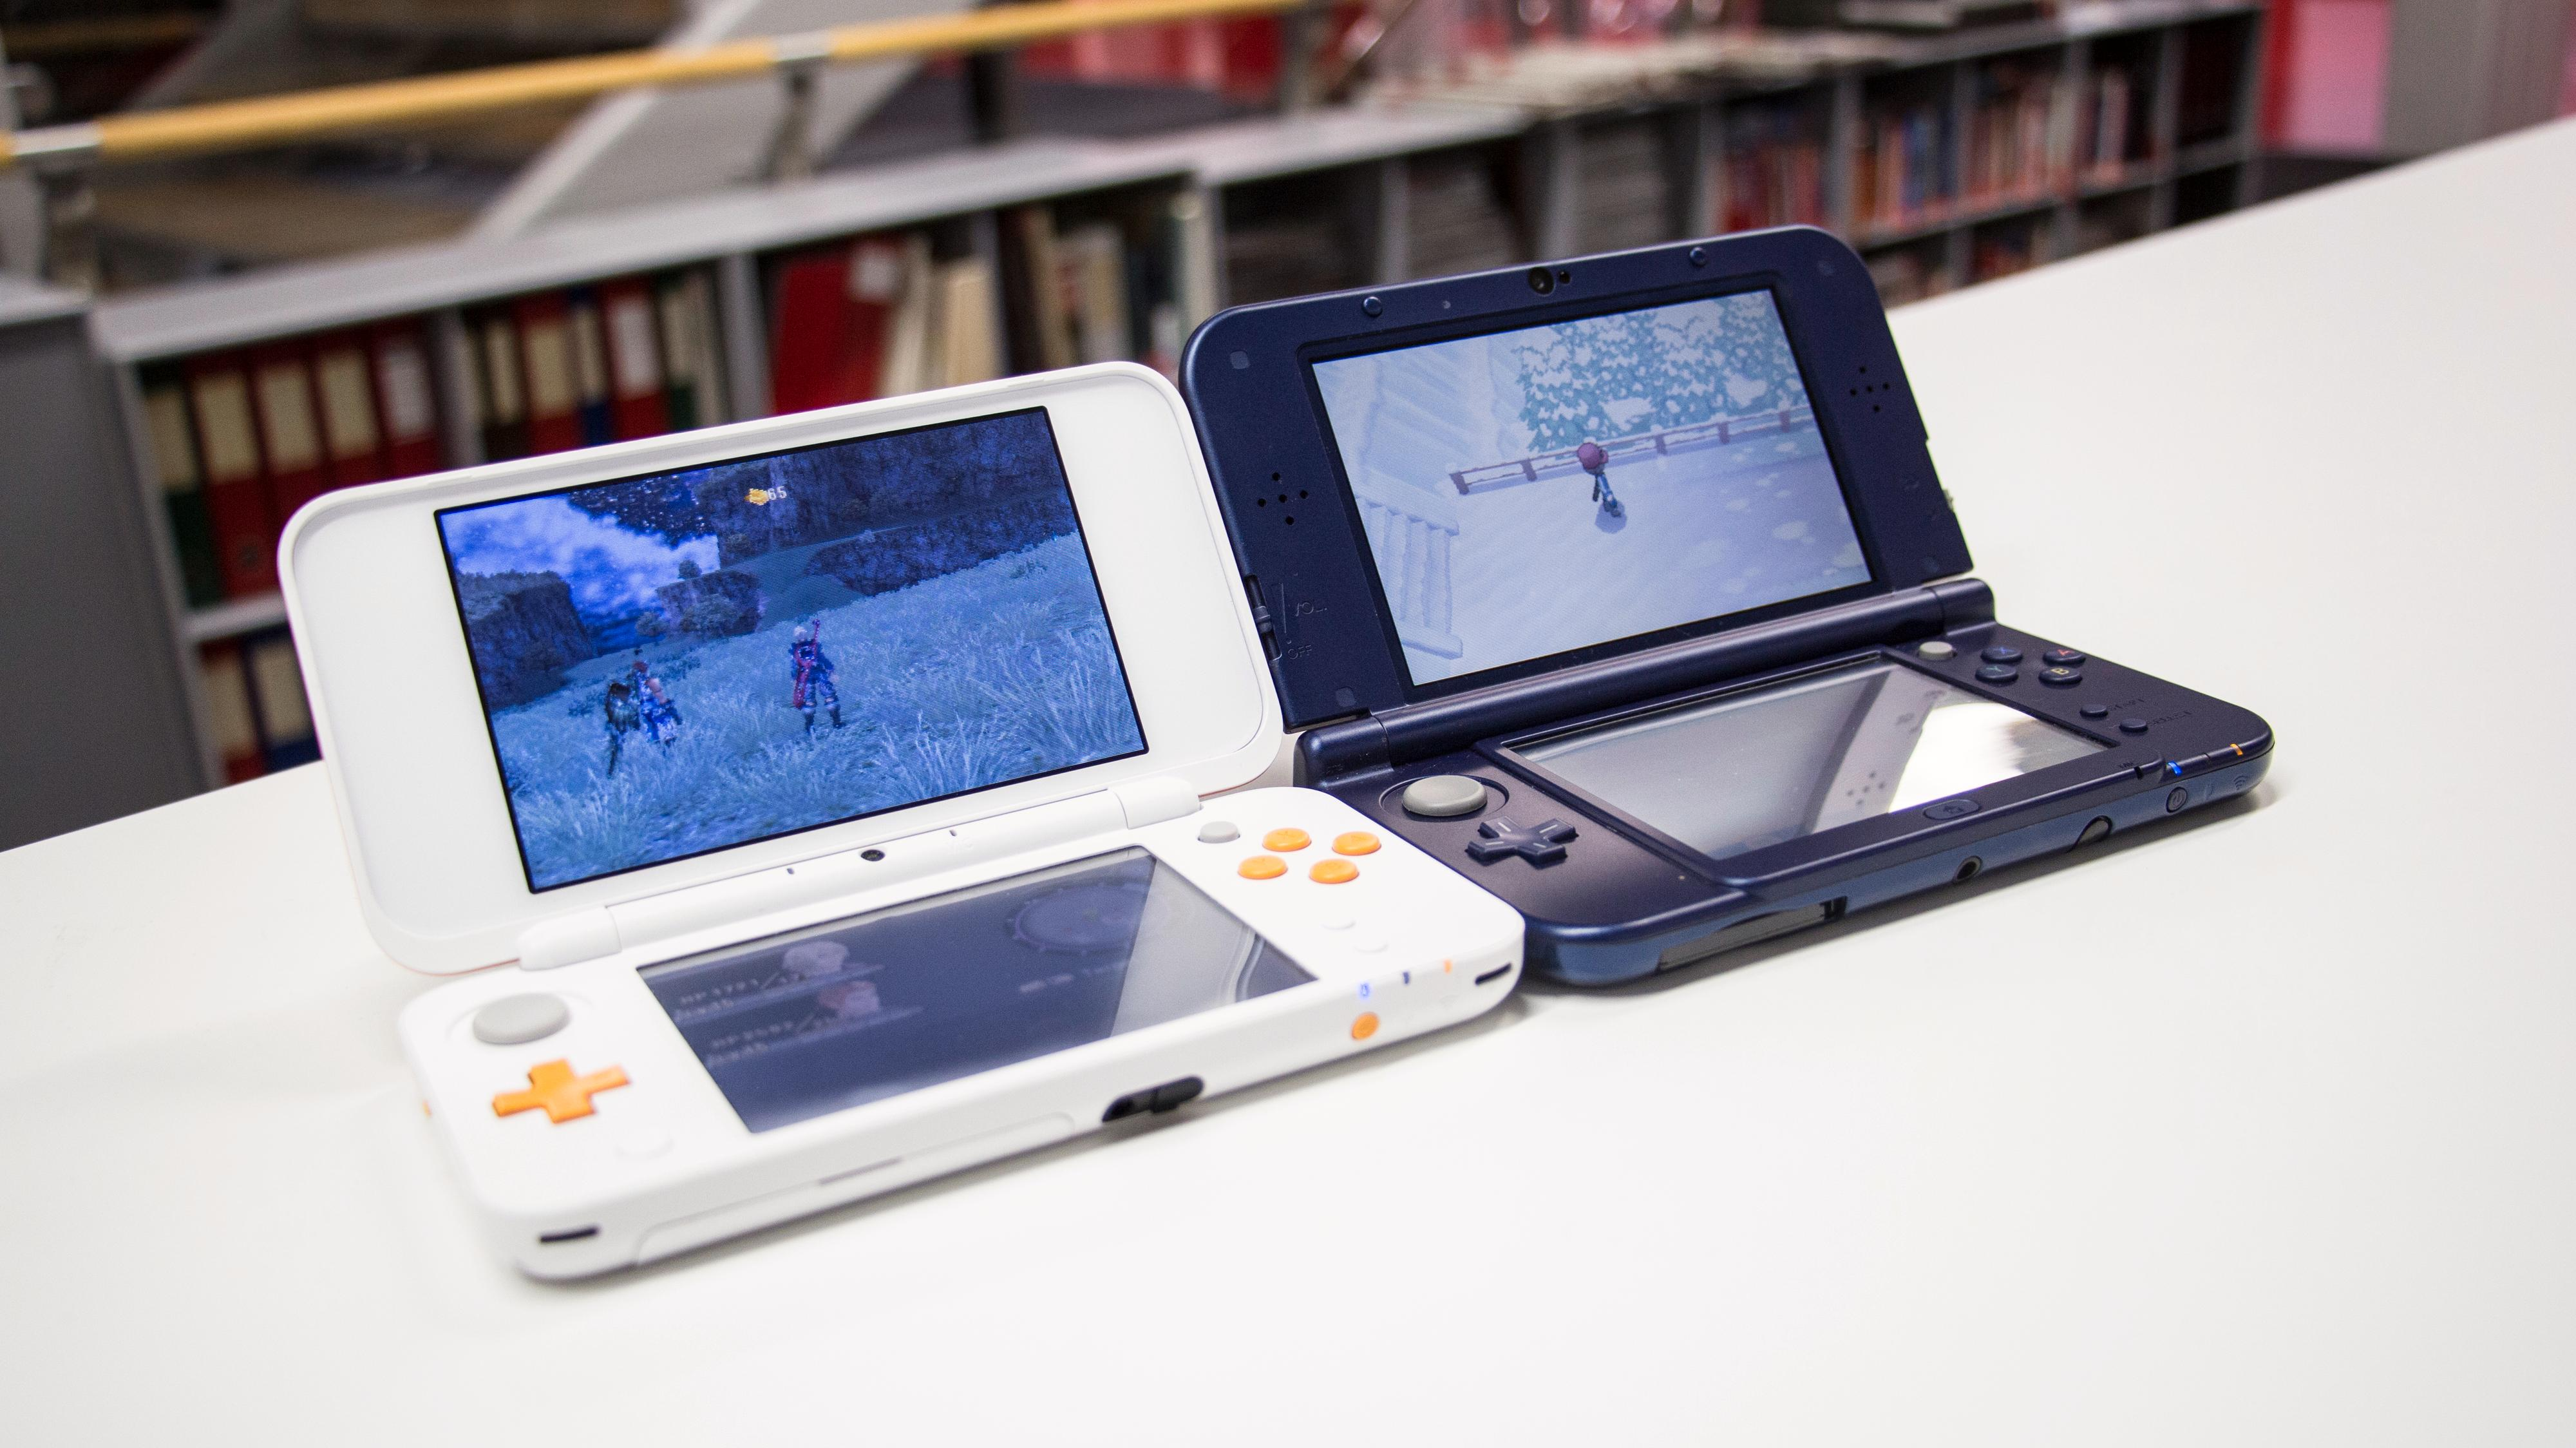 2DS XL er stort sett det samme som 3DS XL, minus 3D-funksjonen og en god slump av prisen.